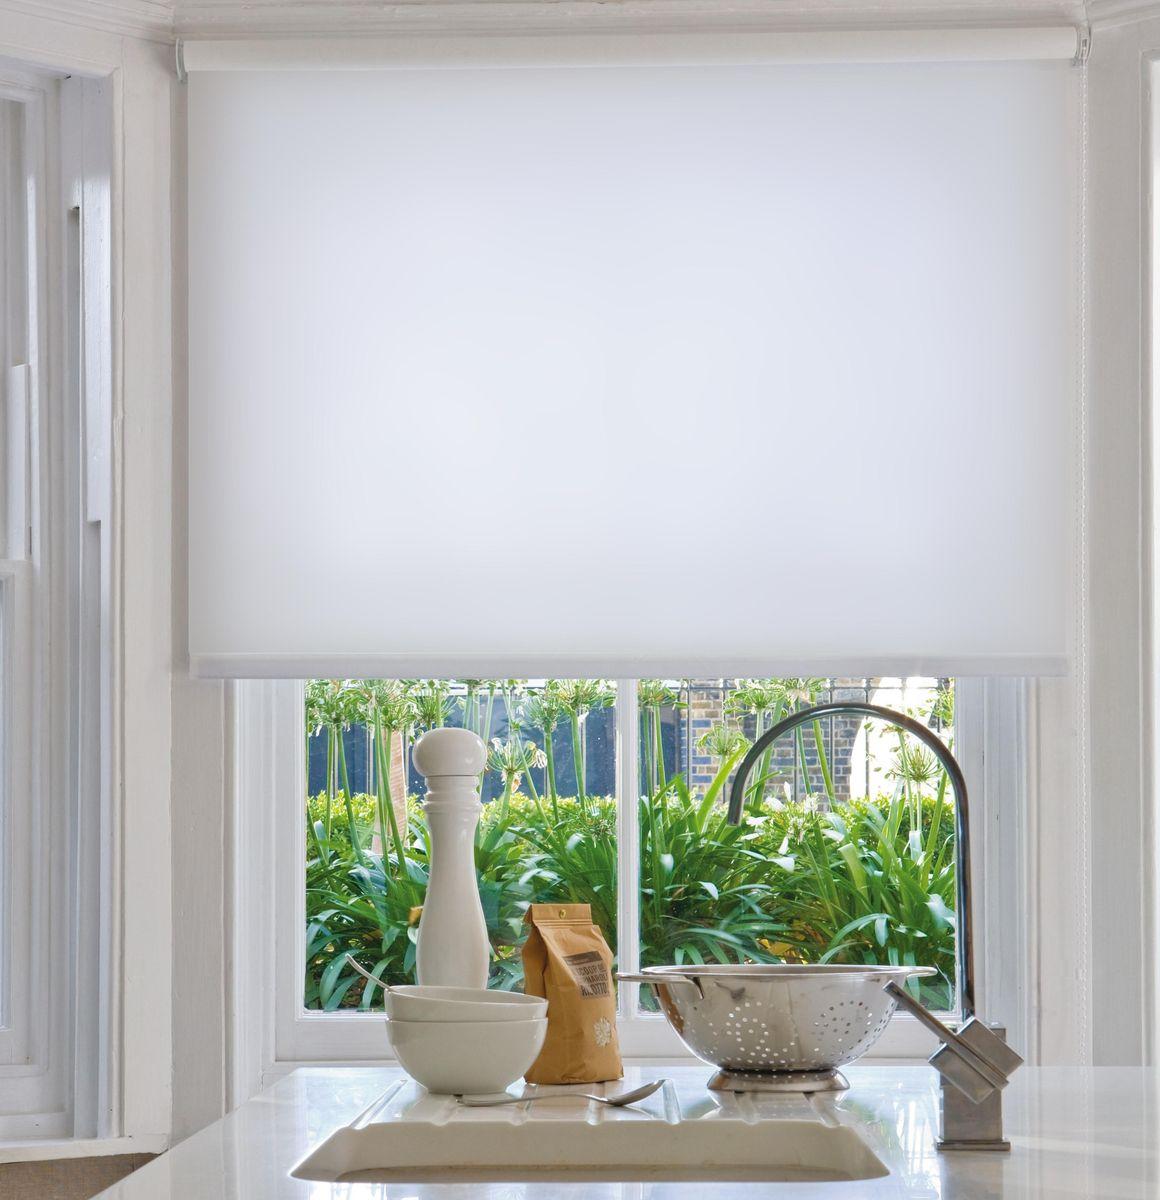 Штора рулонная Эскар, цвет: белый, ширина 120 см, высота 170 см8008120170Рулонными шторами можно оформлять окна как самостоятельно, так и использовать в комбинации с портьерами. Это поможет предотвратить выгорание дорогой ткани на солнце и соединит функционал рулонных с красотой навесных. Преимущества применения рулонных штор для пластиковых окон: - имеют прекрасный внешний вид: многообразие и фактурность материала изделия отлично смотрятся в любом интерьере; - многофункциональны: есть возможность подобрать шторы способные эффективно защитить комнату от солнца, при этом она не будет слишком темной. - Есть возможность осуществить быстрый монтаж. ВНИМАНИЕ! Размеры ширины изделия указаны по ширине ткани! Во время эксплуатации не рекомендуется полностью разматывать рулон, чтобы не оторвать ткань от намоточного вала. В случае загрязнения поверхности ткани, чистку шторы проводят одним из способов, в зависимости от типа загрязнения: легкое поверхностное загрязнение можно удалить при помощи канцелярского ластика; чистка от пыли производится сухим методом при...